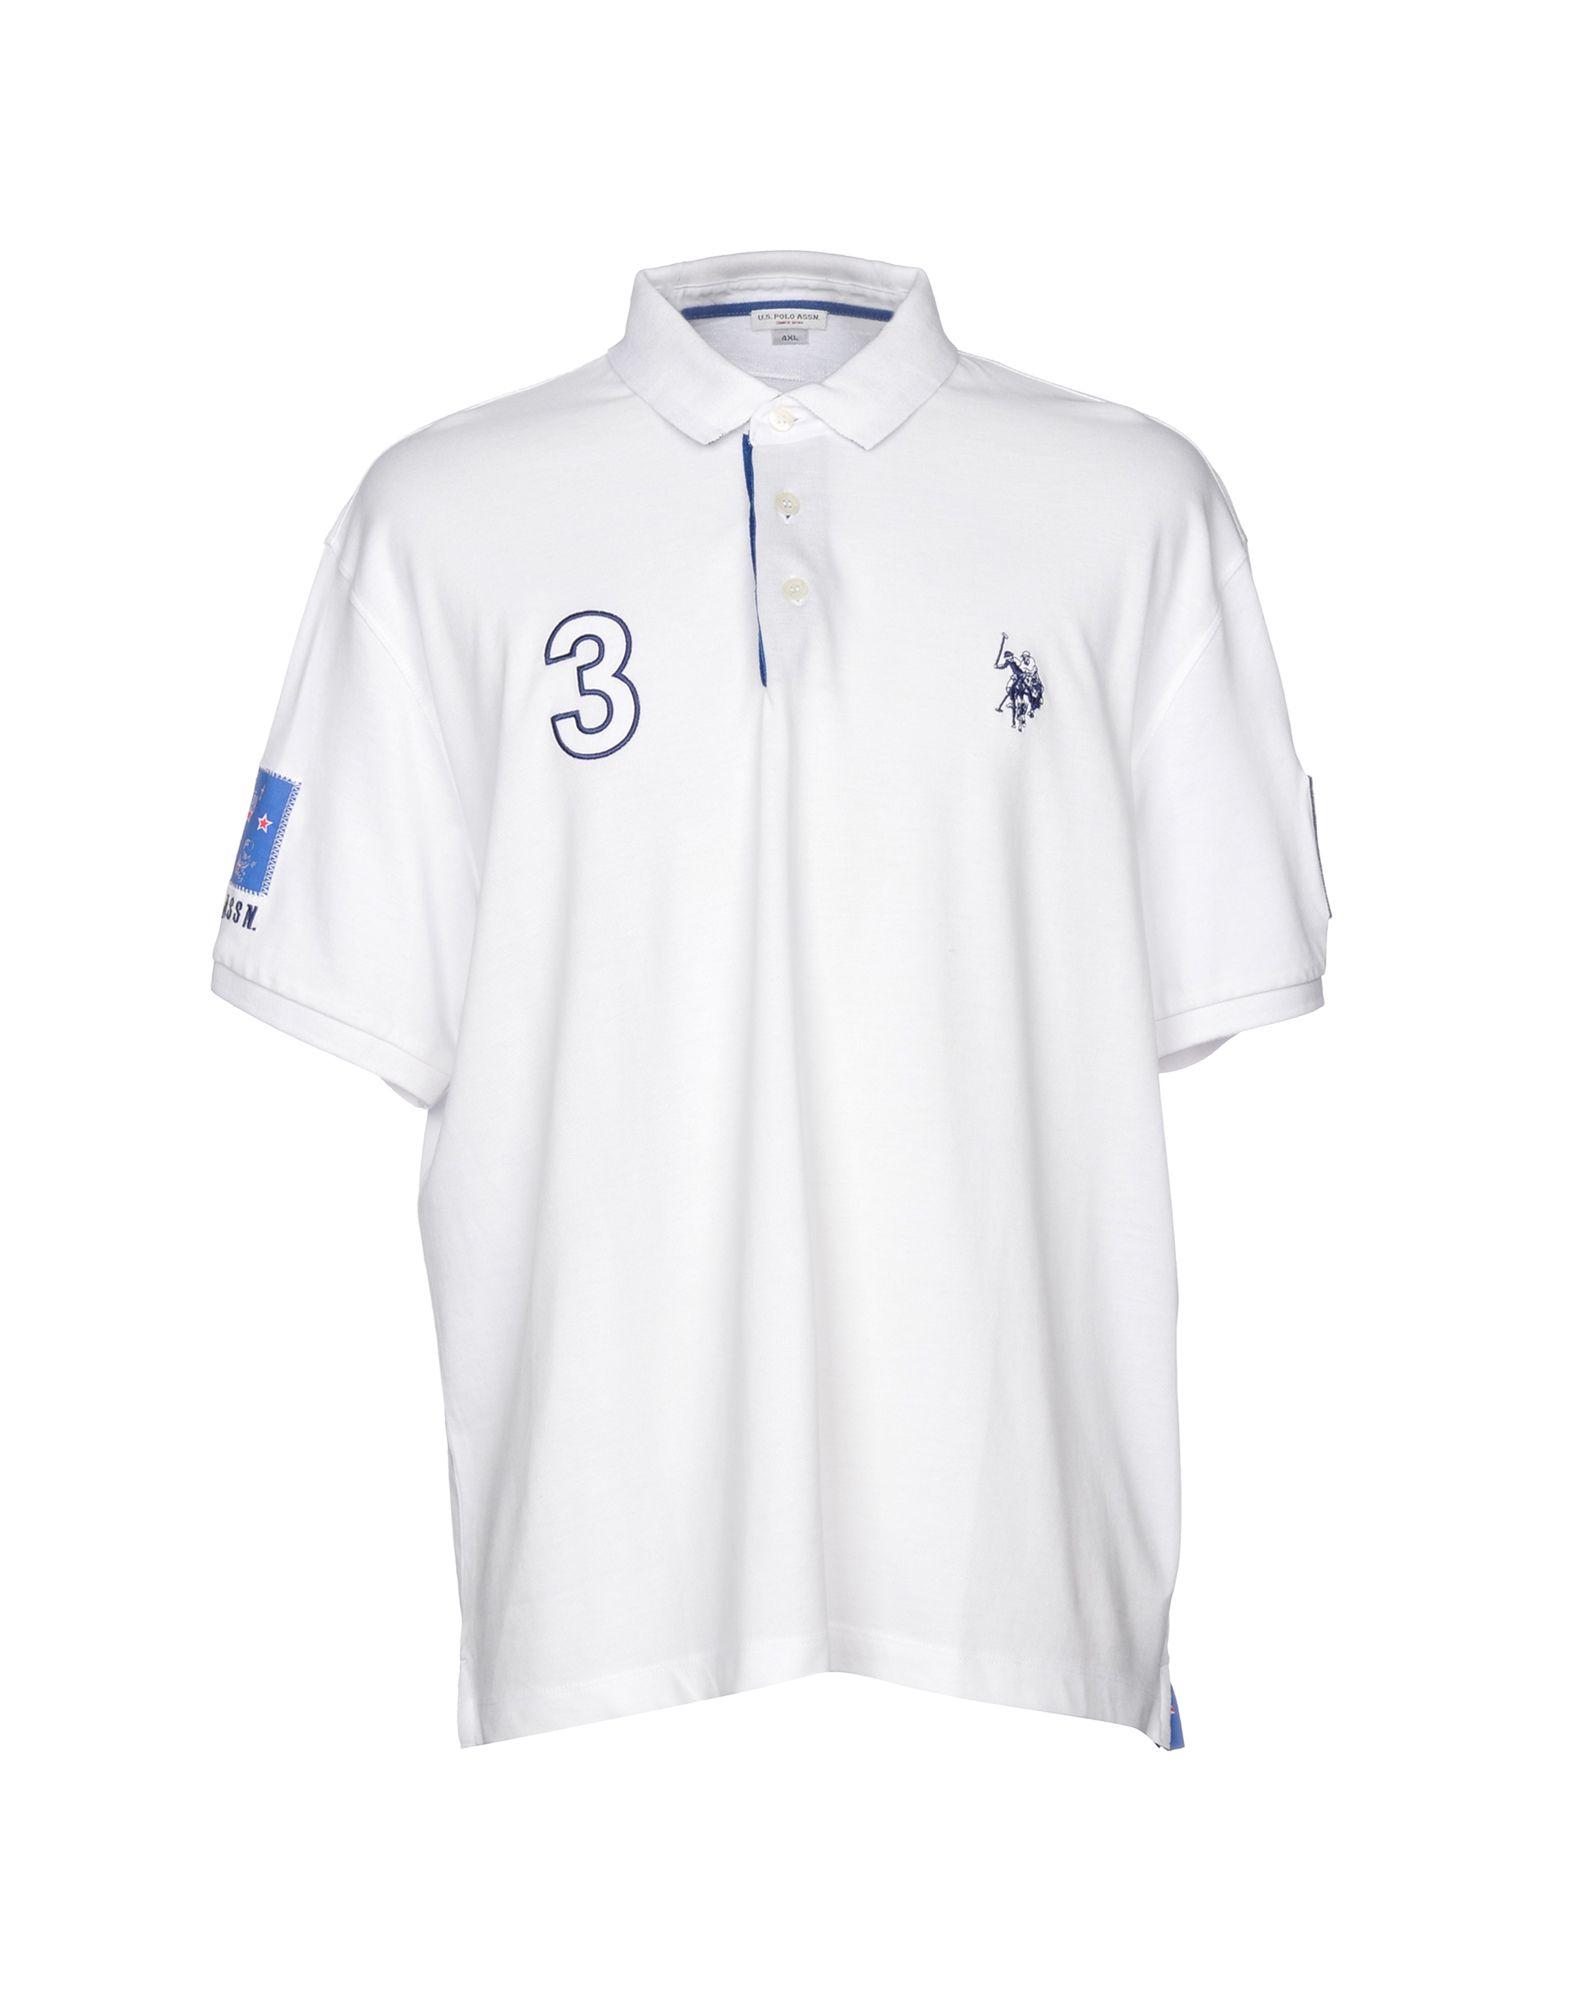 《送料無料》U.S.POLO ASSN. メンズ ポロシャツ ホワイト 4XL 100% コットン